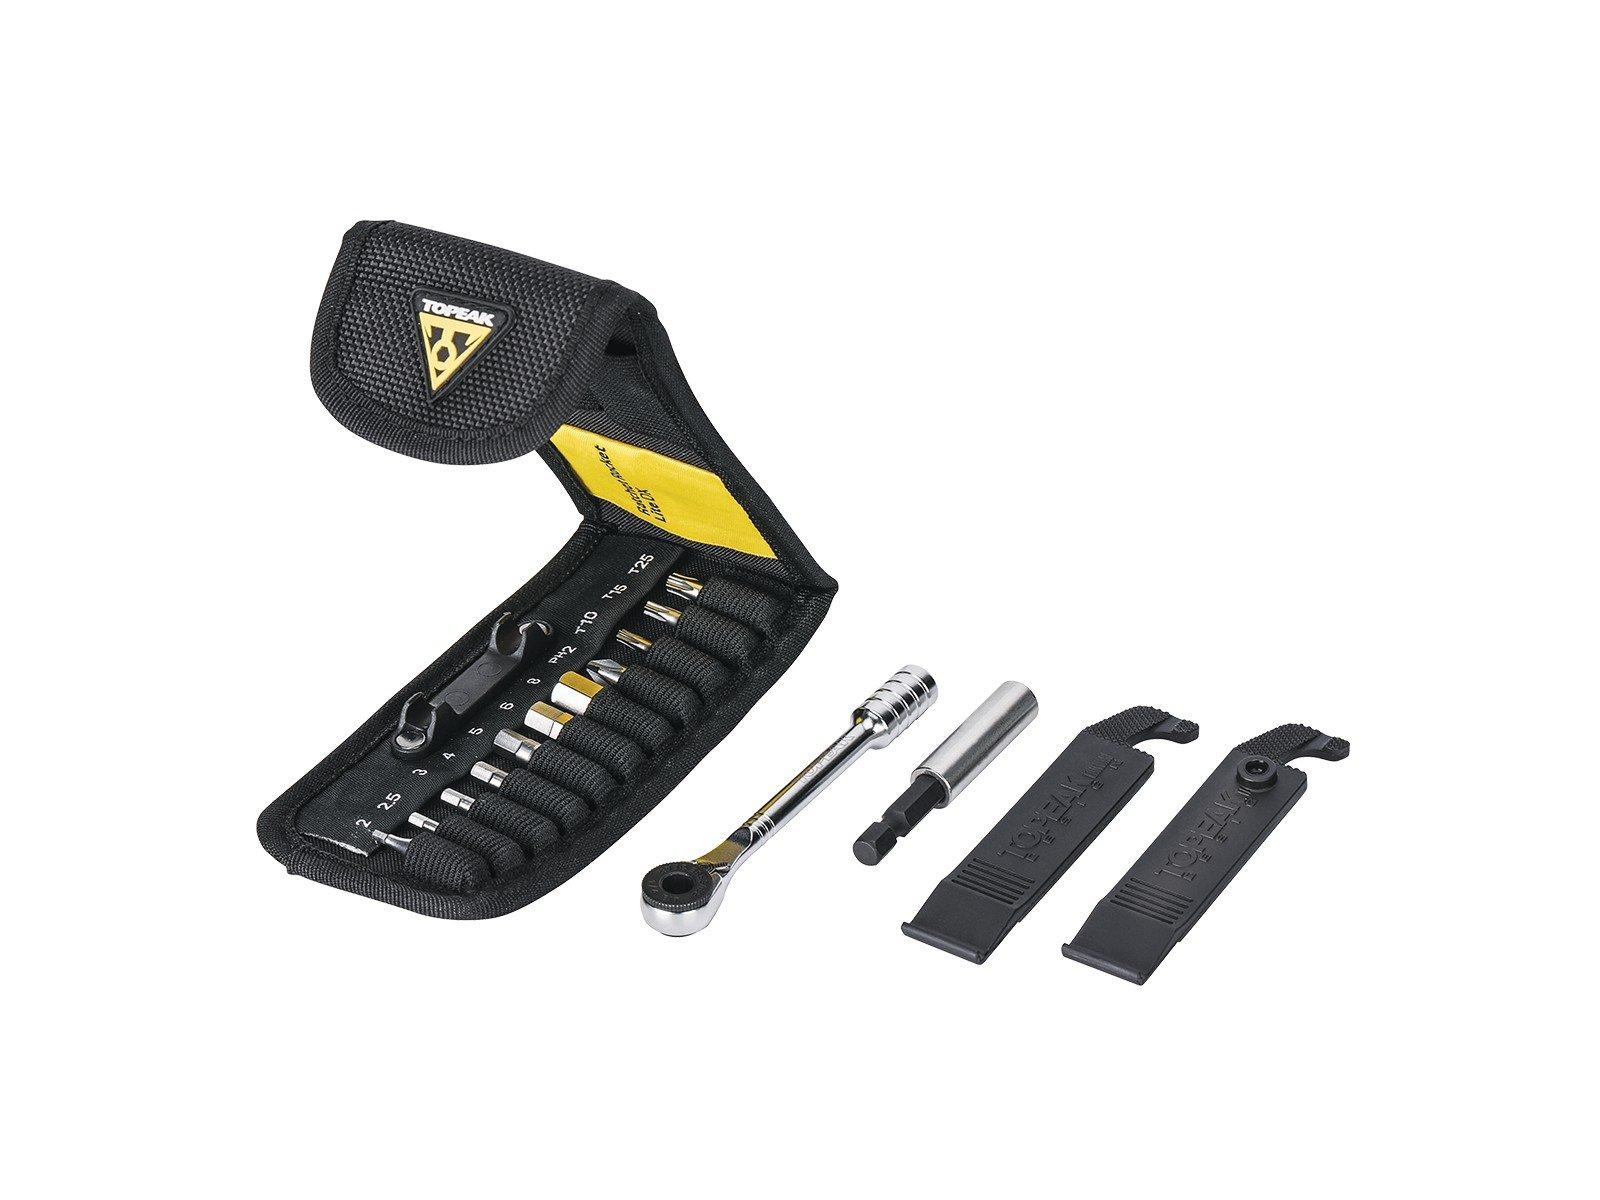 Topeak Mini Ratchet Rocket Lite DX multiværktøj med holder   multi_tools_component